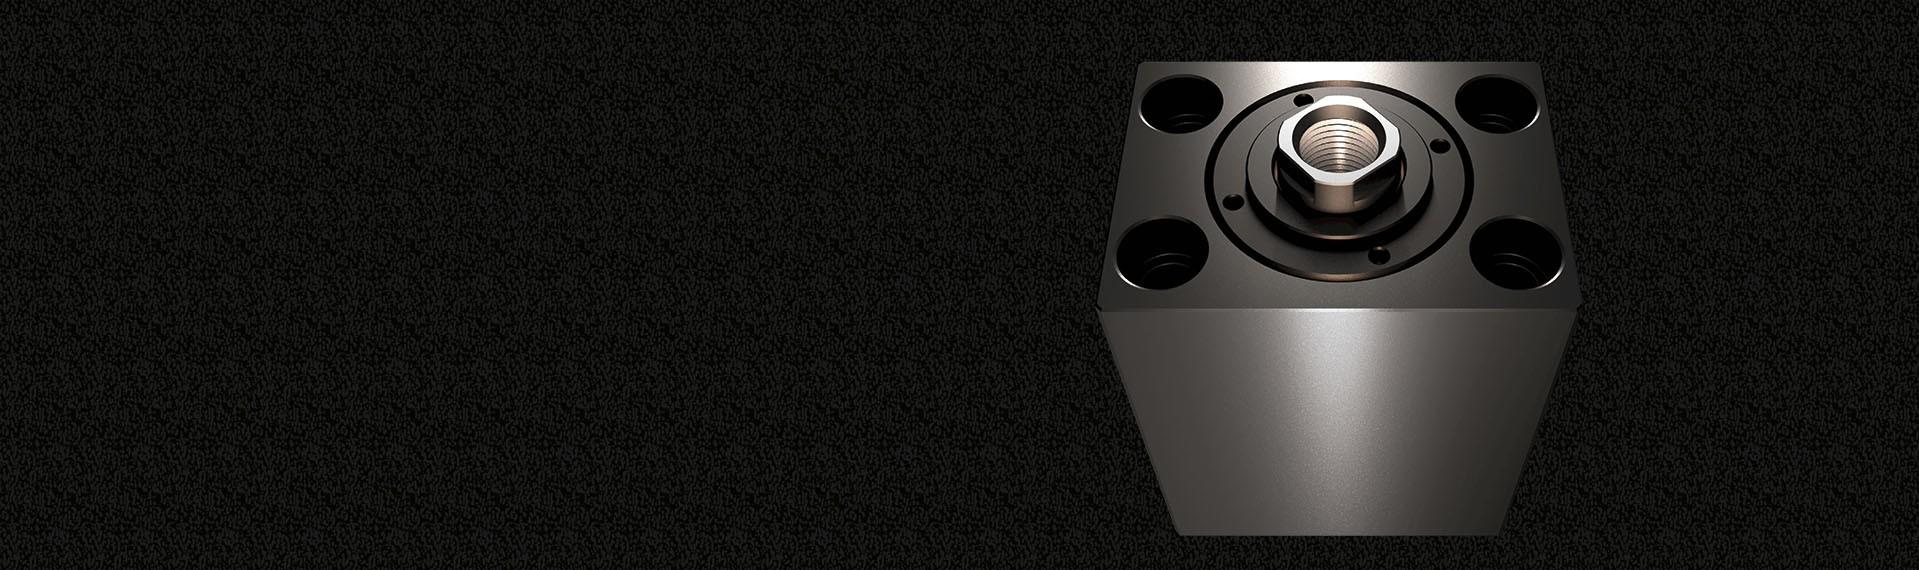 Kompaktzylinder Schwere Ausführung